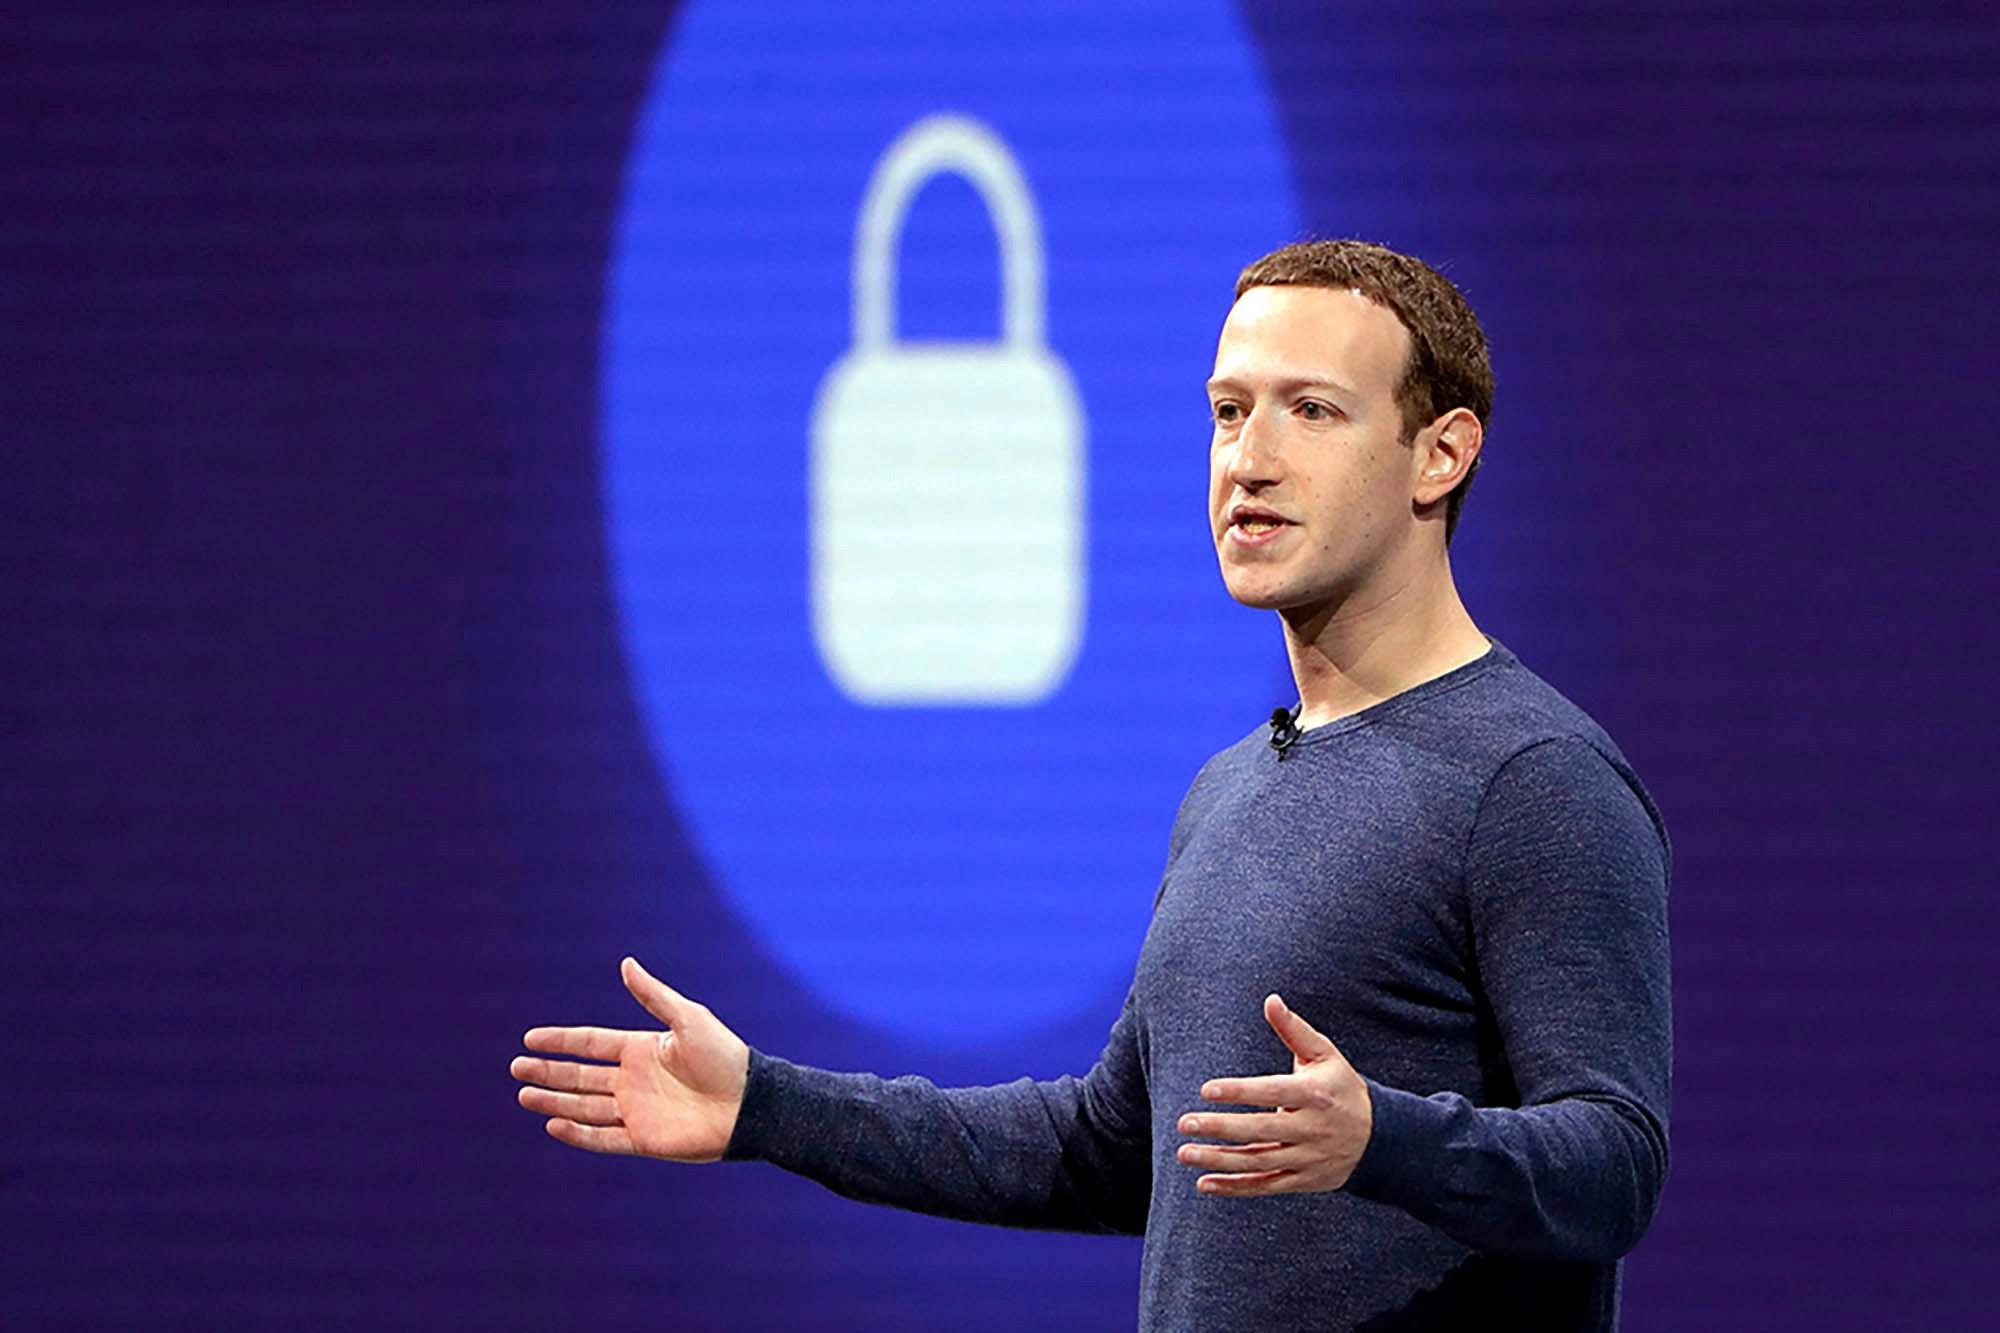 Массовый взлом Facebook привел к тому, что номер телефона Марка Цукерберга был раскрыт в Интернете.